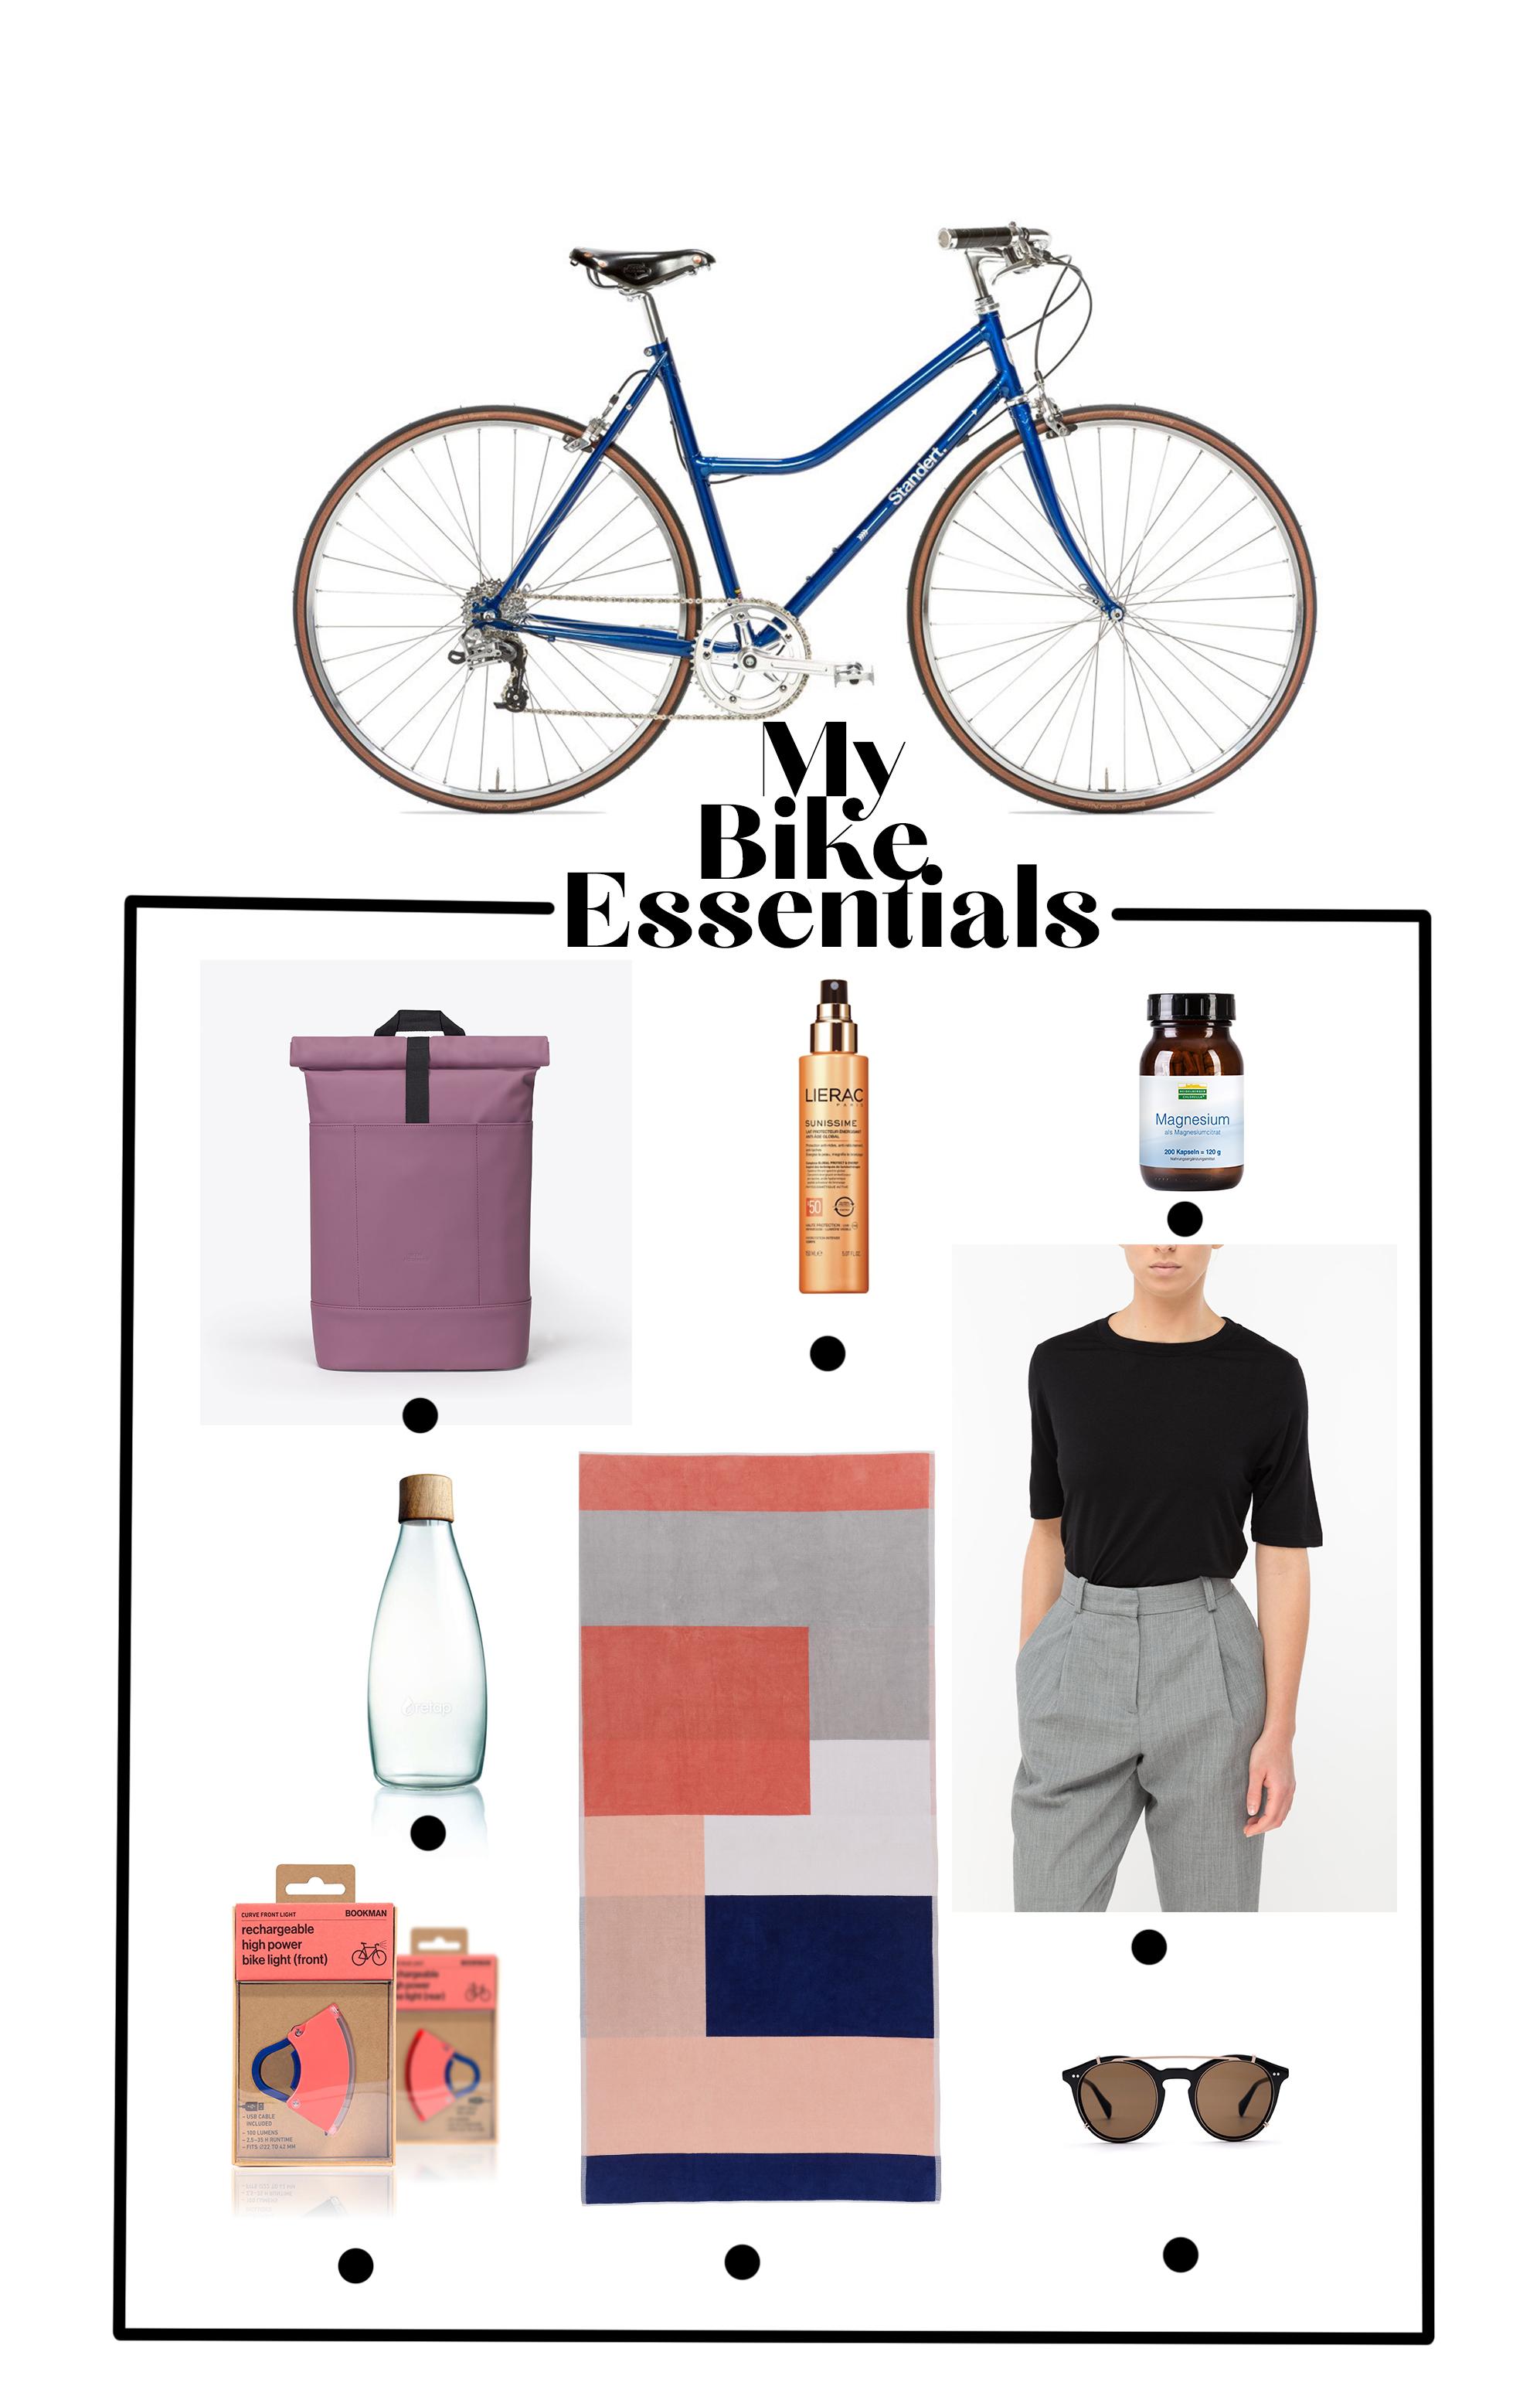 My Bike Essentials